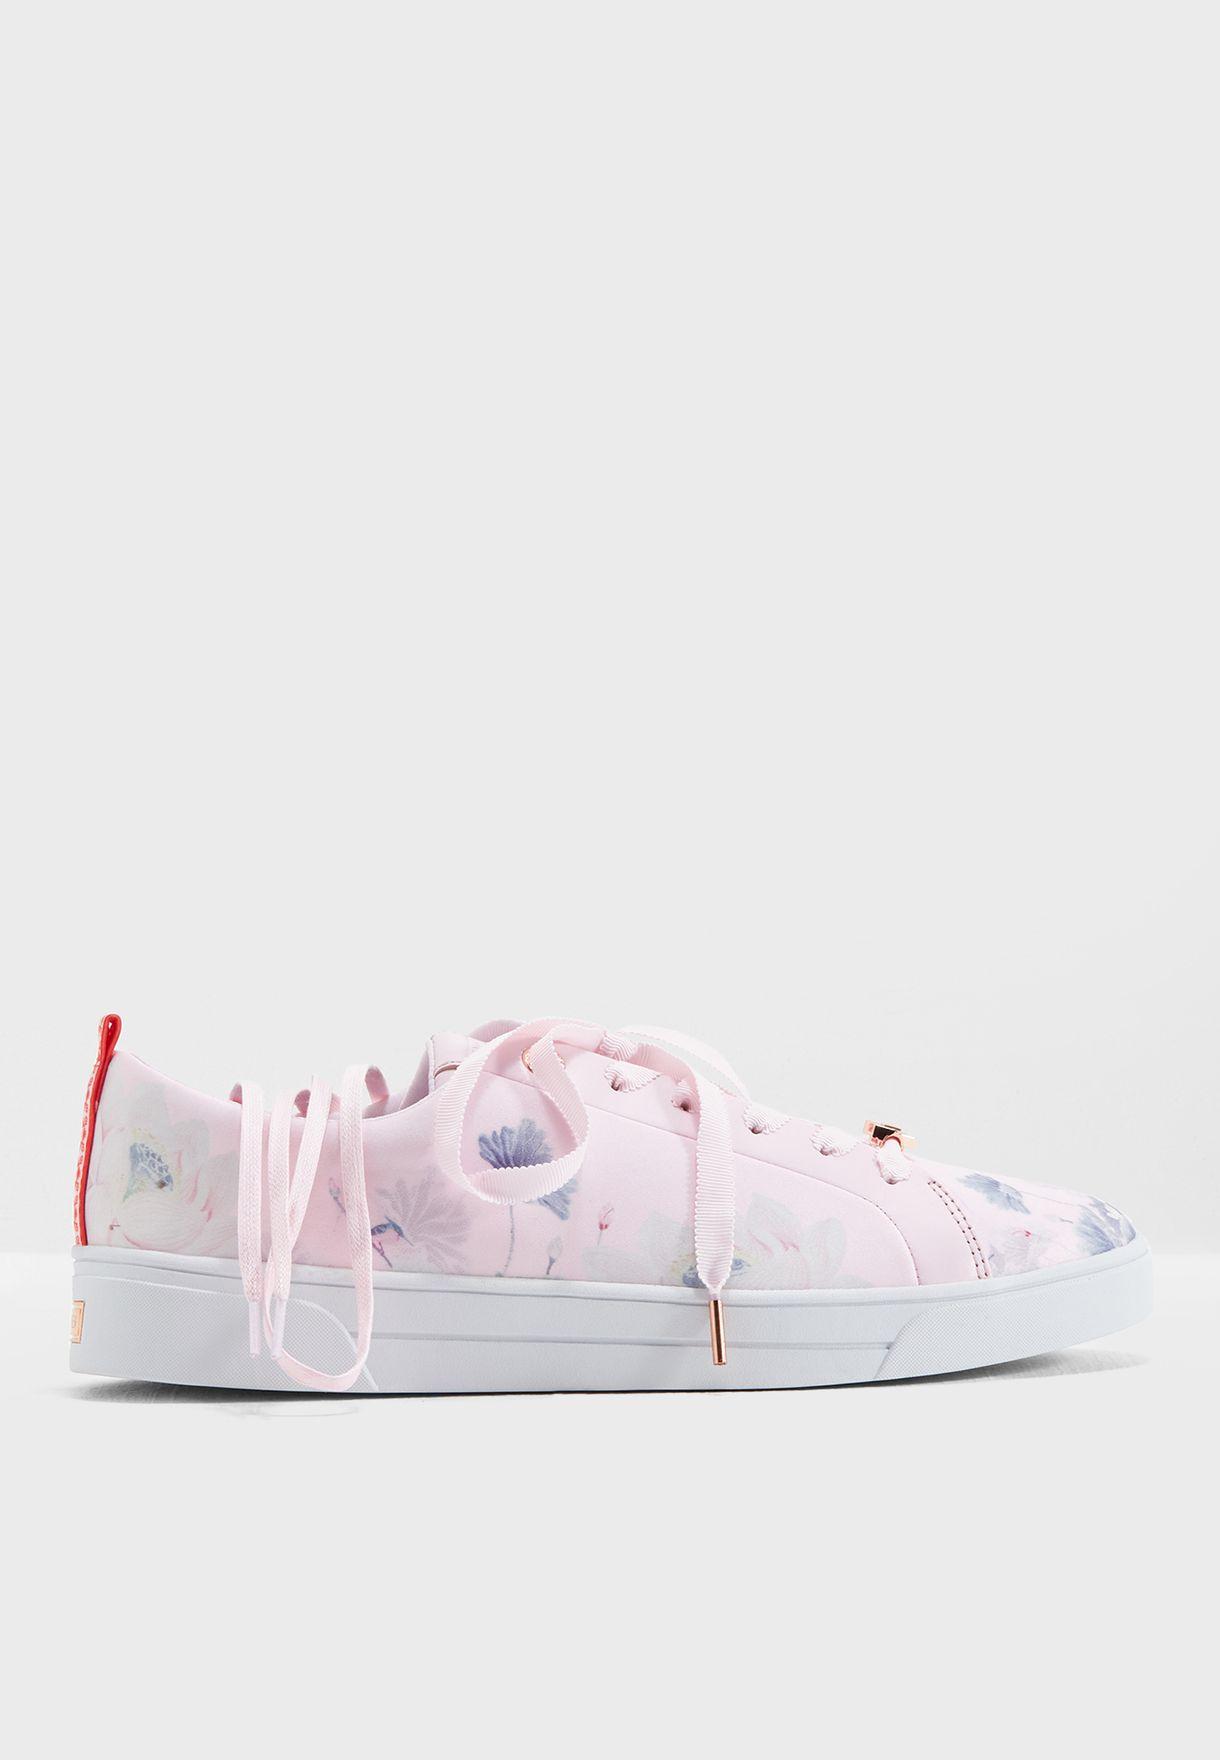 حذاء سنيكرز مزين بازهار